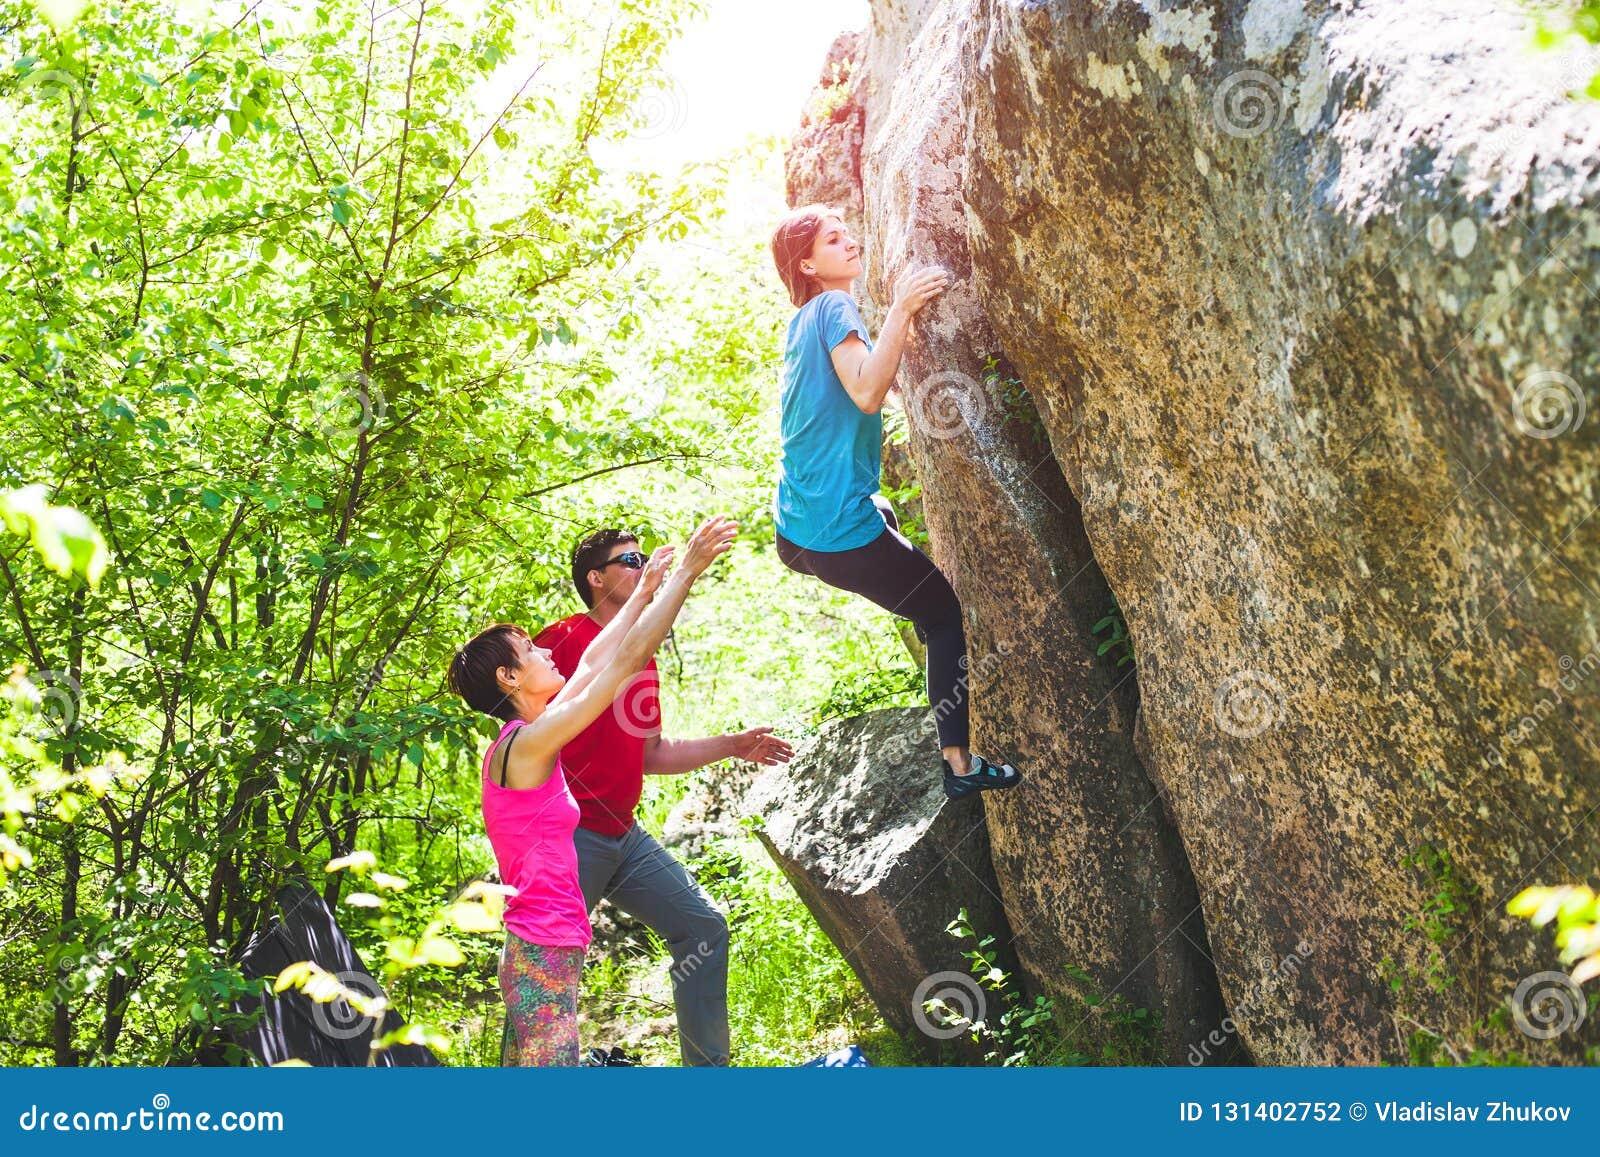 S élever en nature Montée d amis à la pierre La fille s élève sur la pierre, et les amis la soutiennent Bouldering en nature